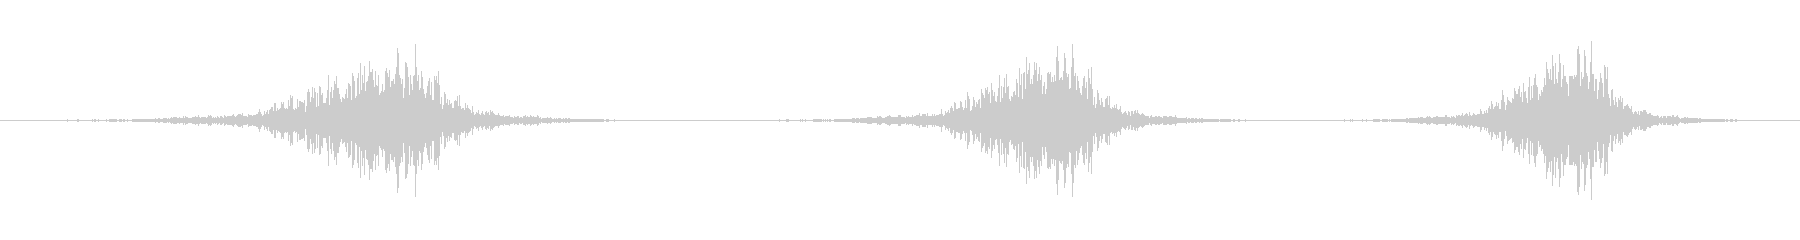 マウンテンピークフライバイの低音の未再生の波形